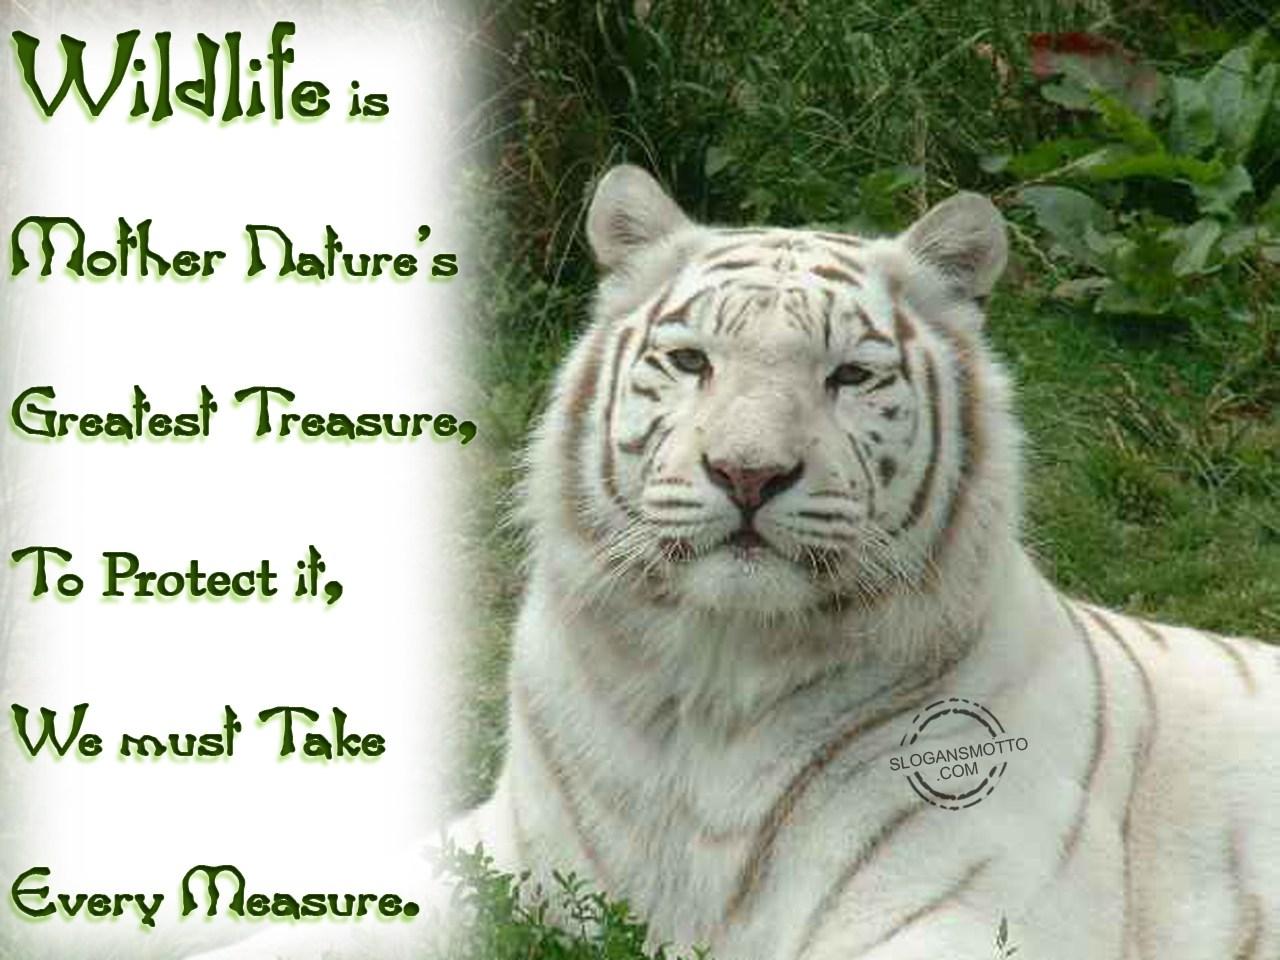 Save Wildlife Slogans